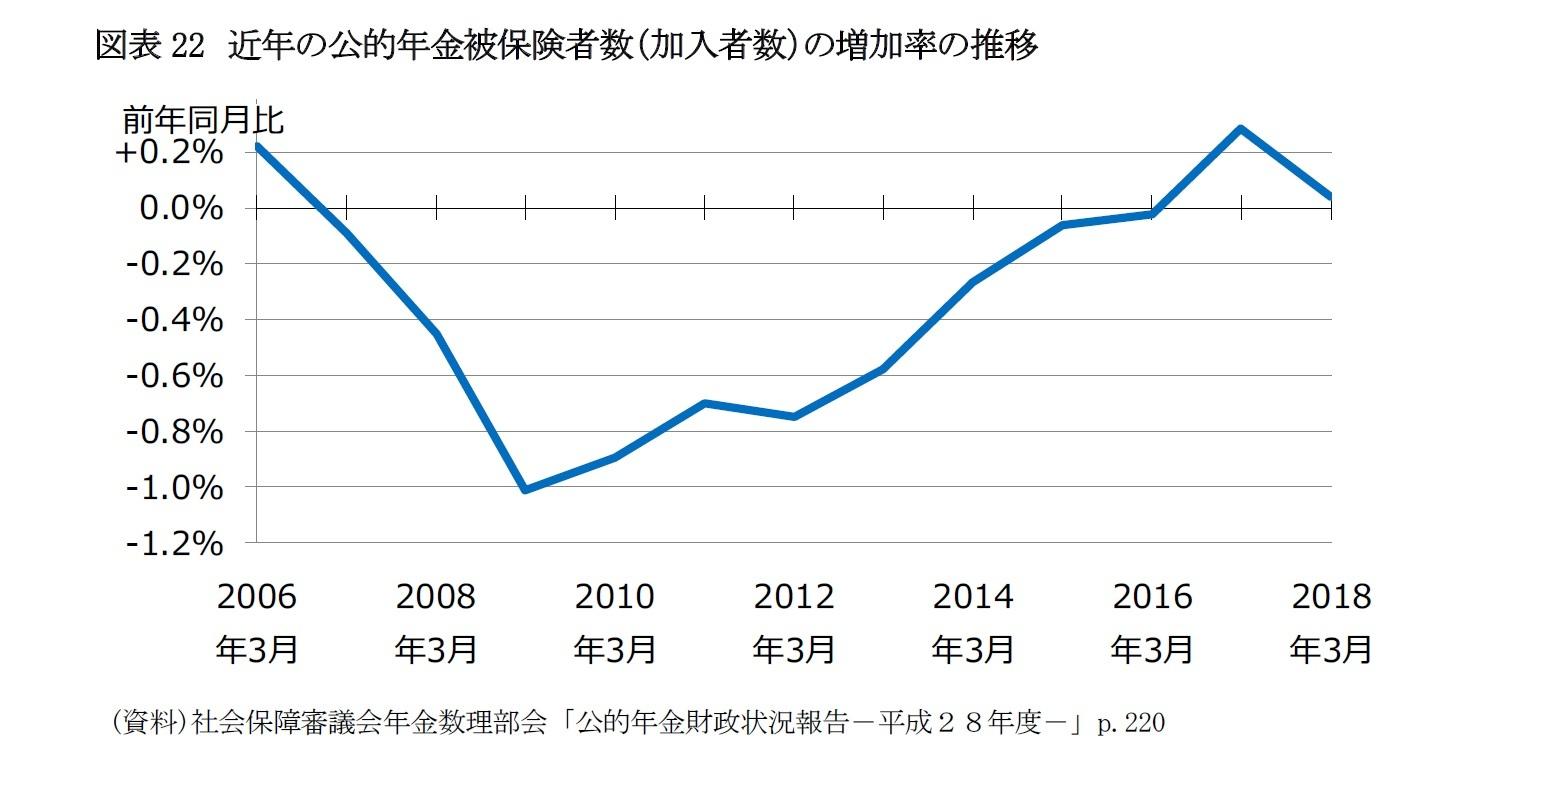 図表22 近年の公的年金被保険者数(加入者数)の増加率の推移